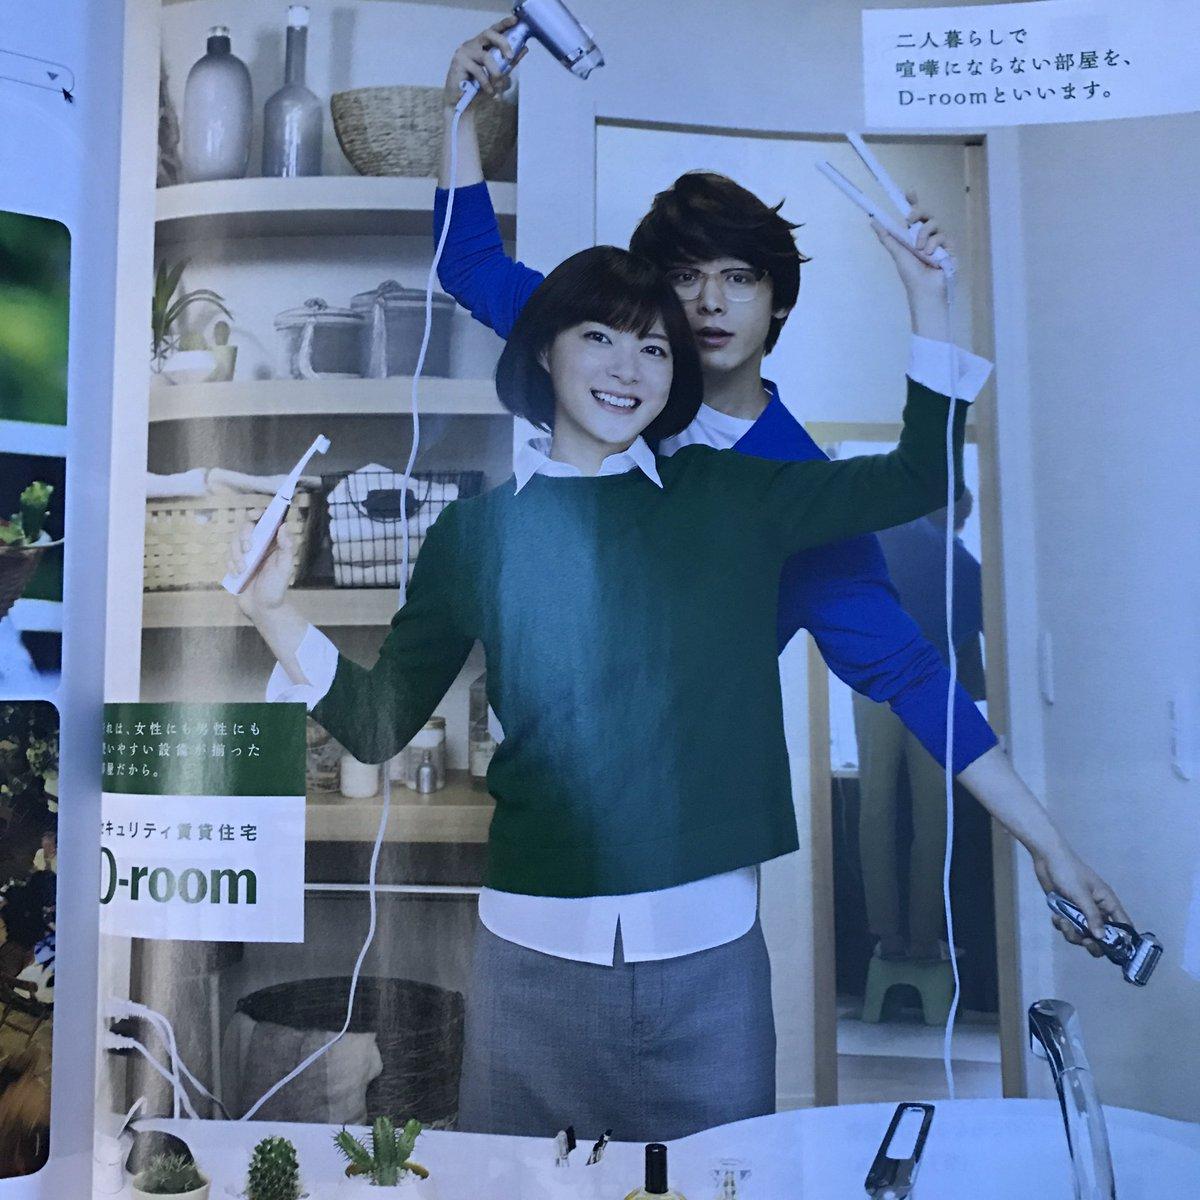 JALの機内誌で見かけたダイワハウスのセキュリティ賃貸住宅の広告。切なくなってきた。ここに鏡は意図的なの? https://t.co/41X4hKwkTB